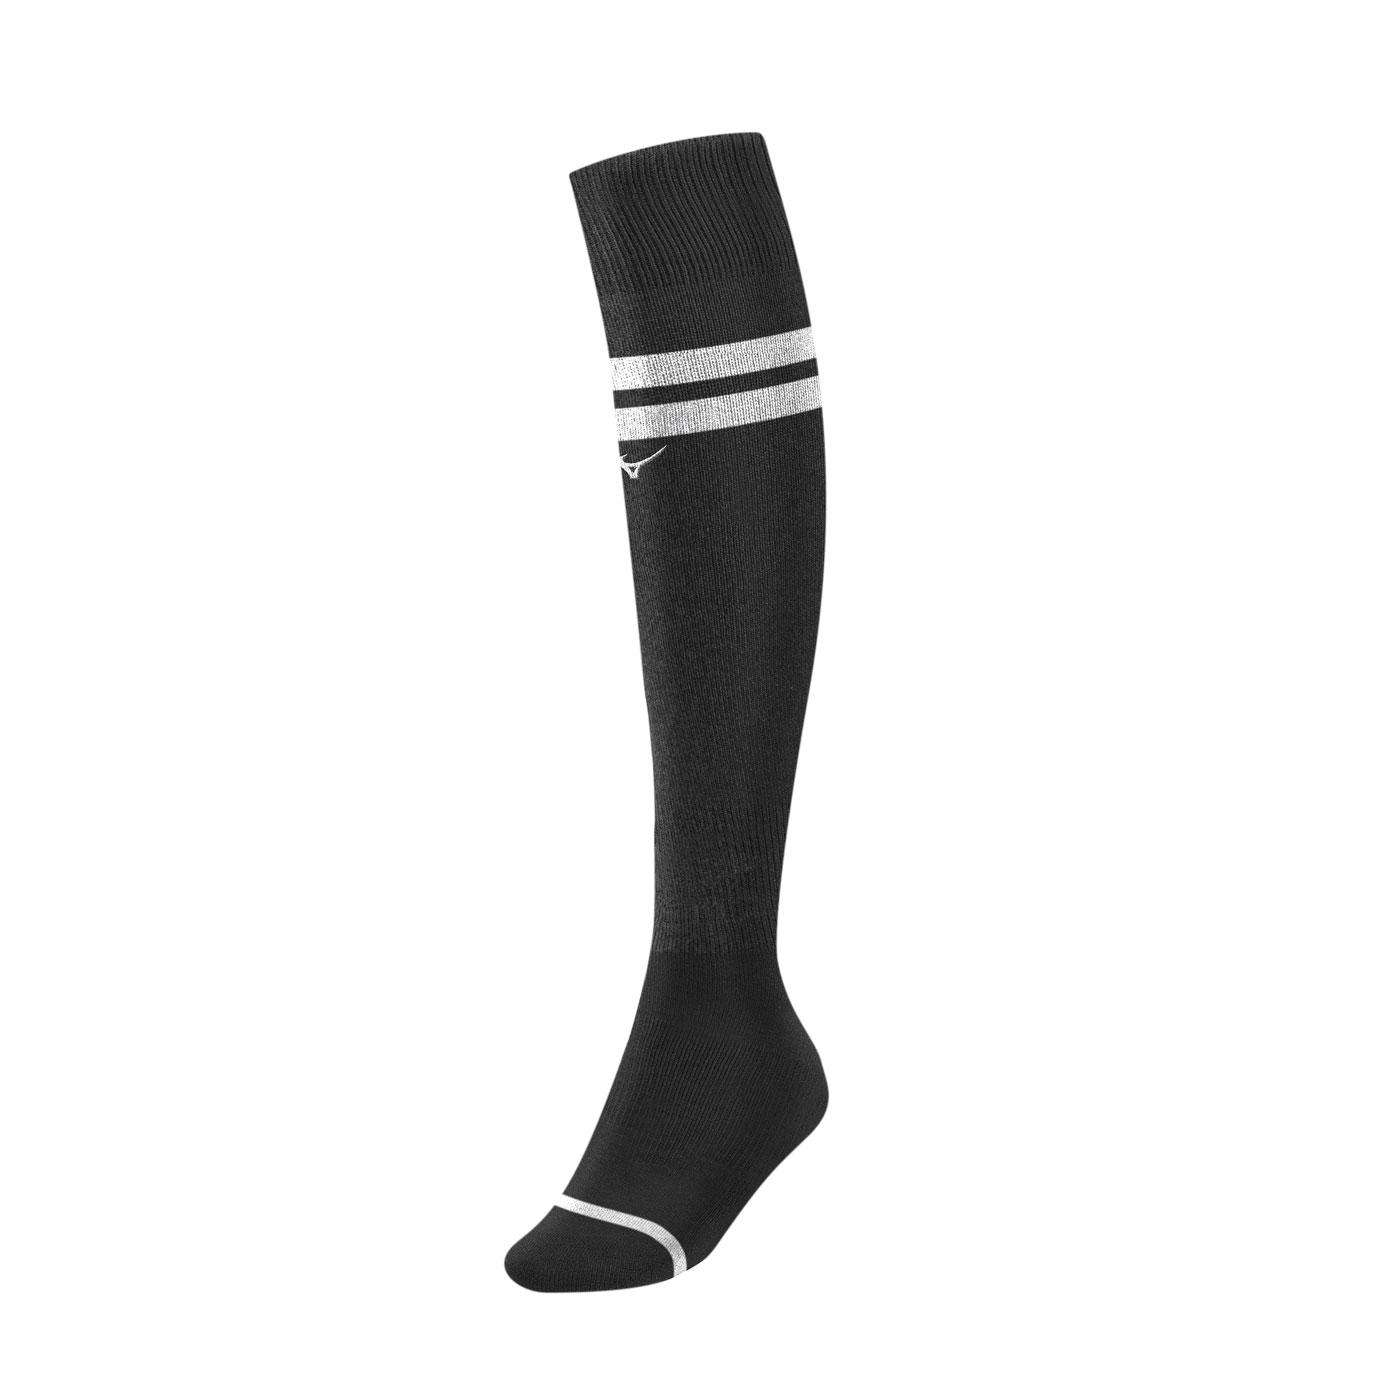 MIZUNO 足橄襪 P2TX8A0191 - 黑白